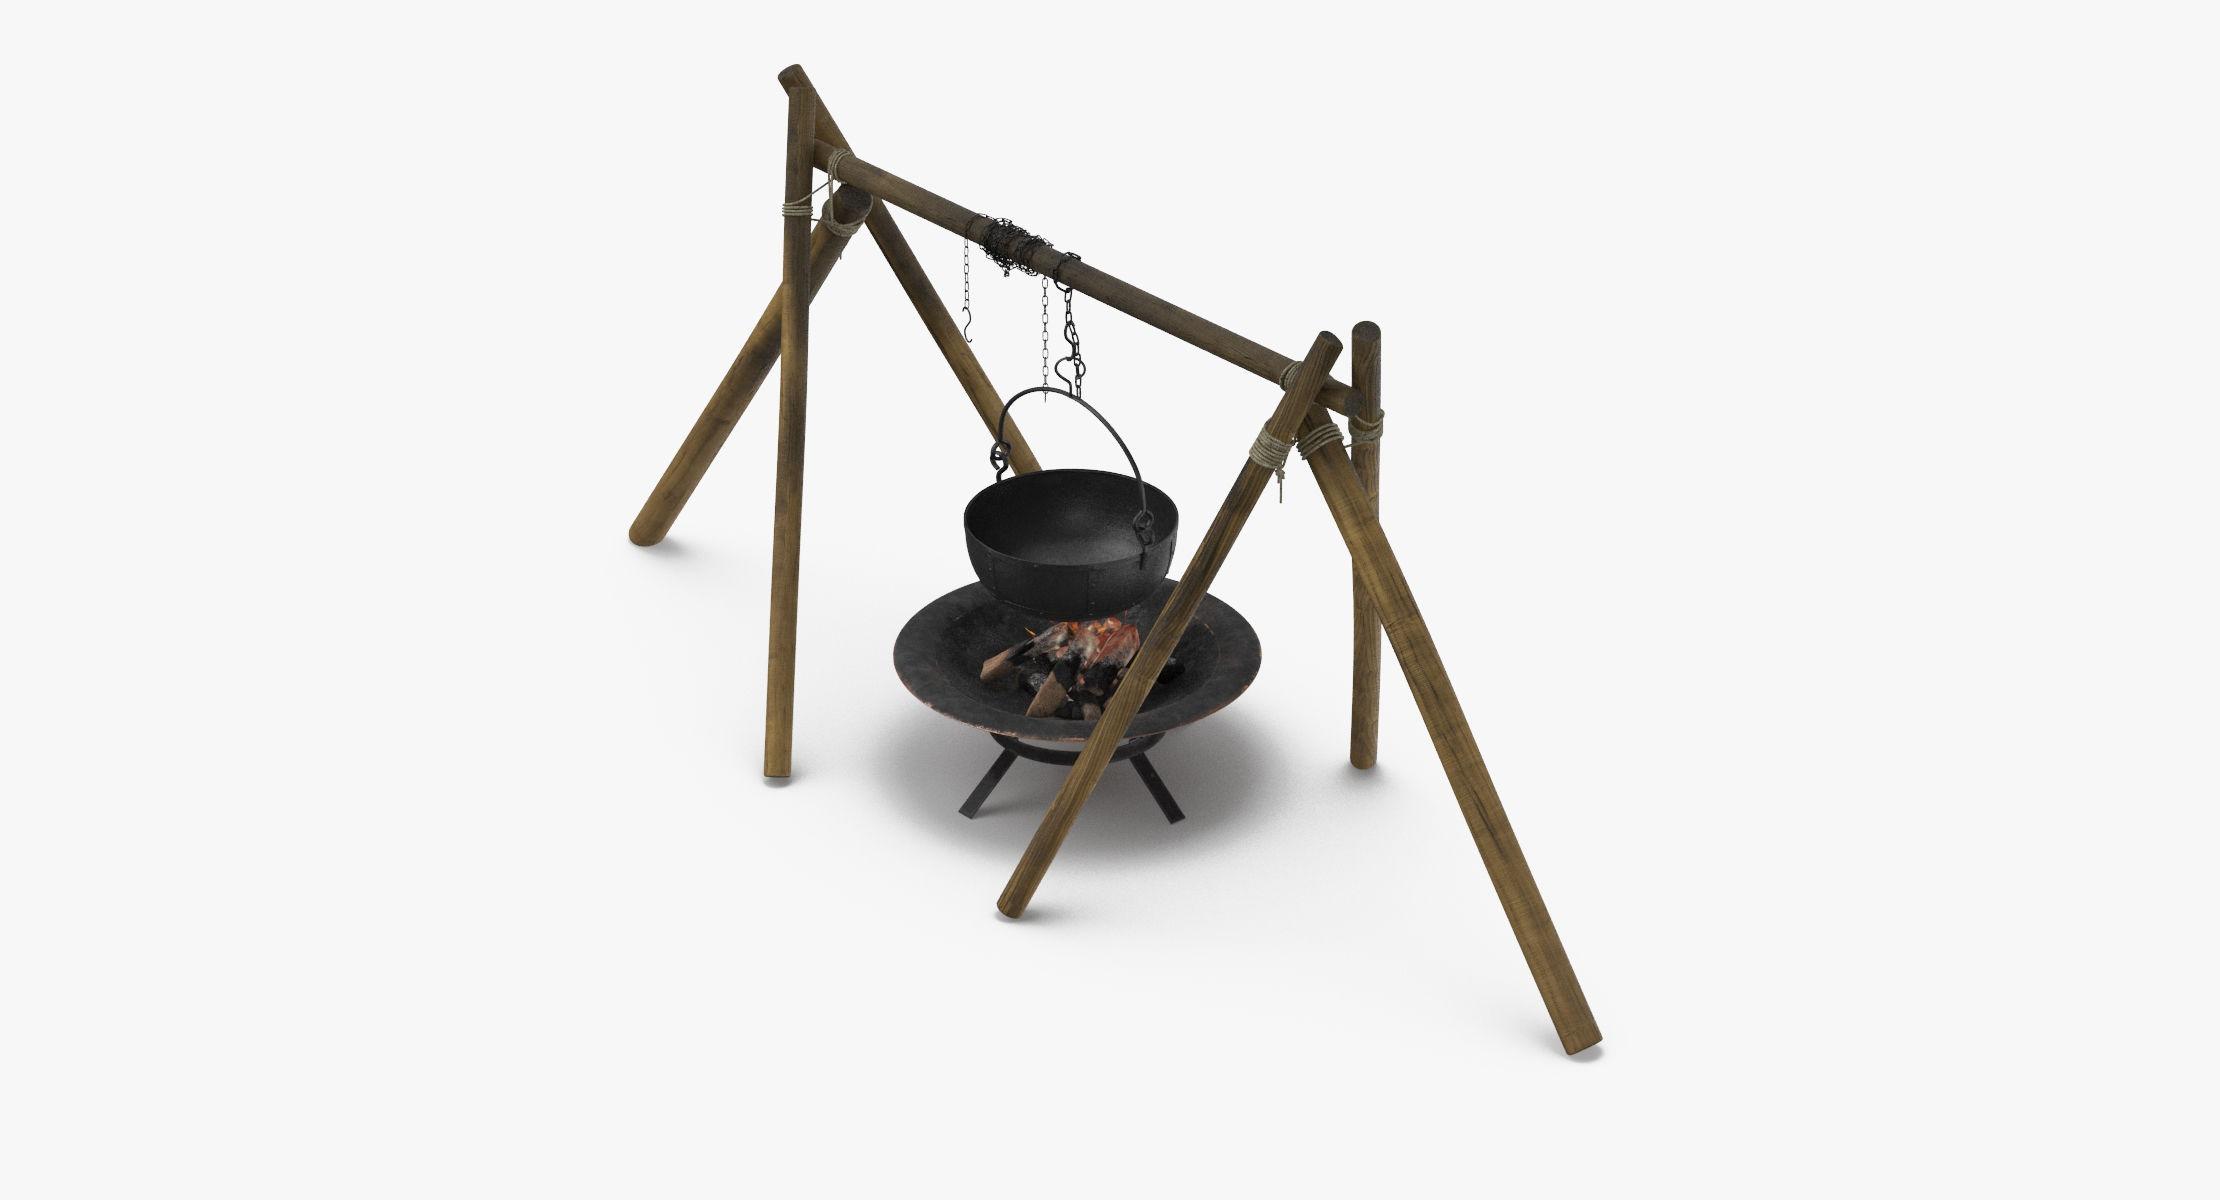 Medieval Cauldron - reel 1